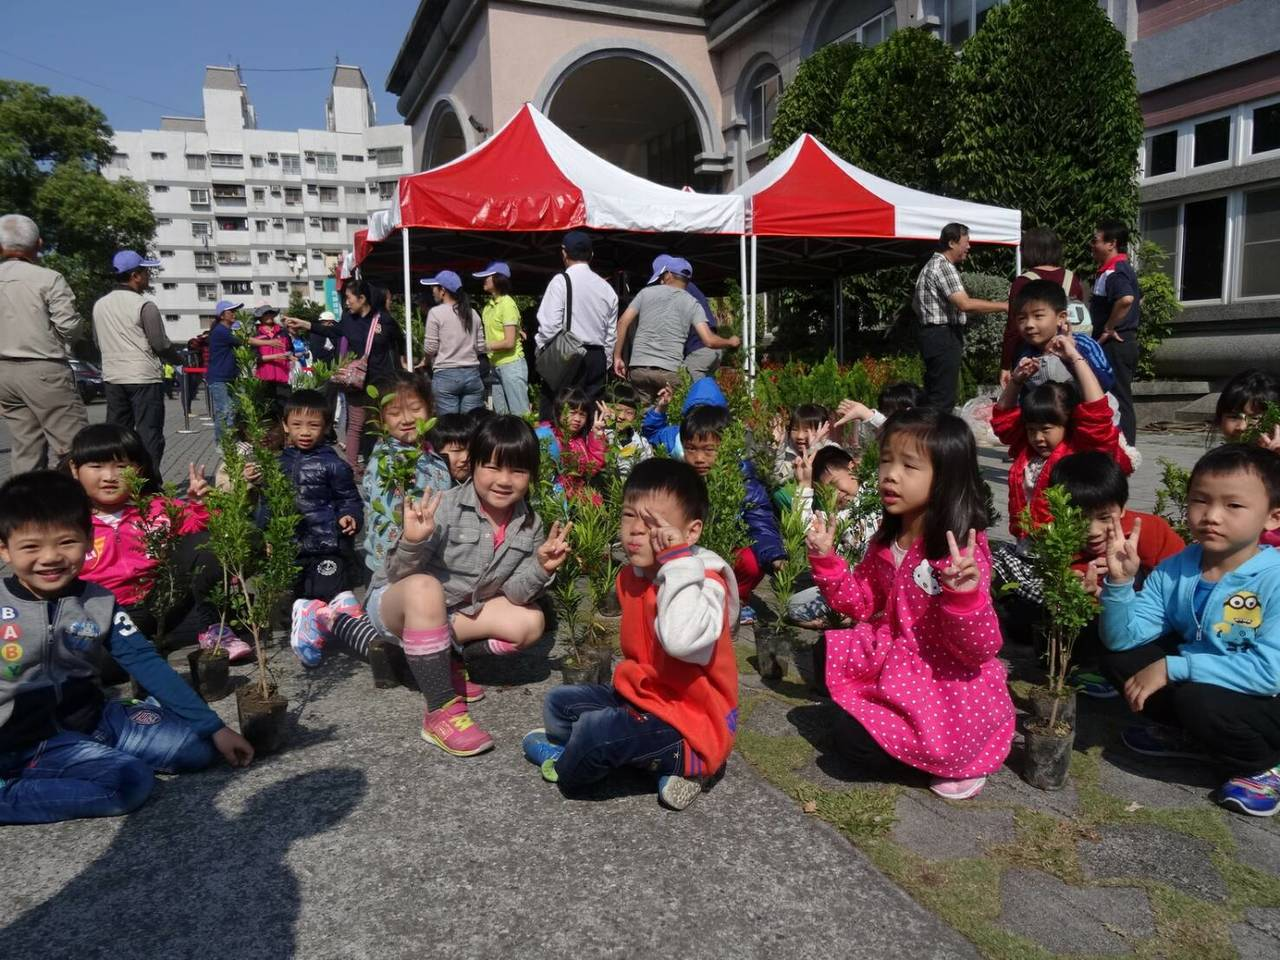 屏東林管處今天湧進大批民眾換樹苗,連幼稚園小朋友也參加。圖/屏東林管處提供